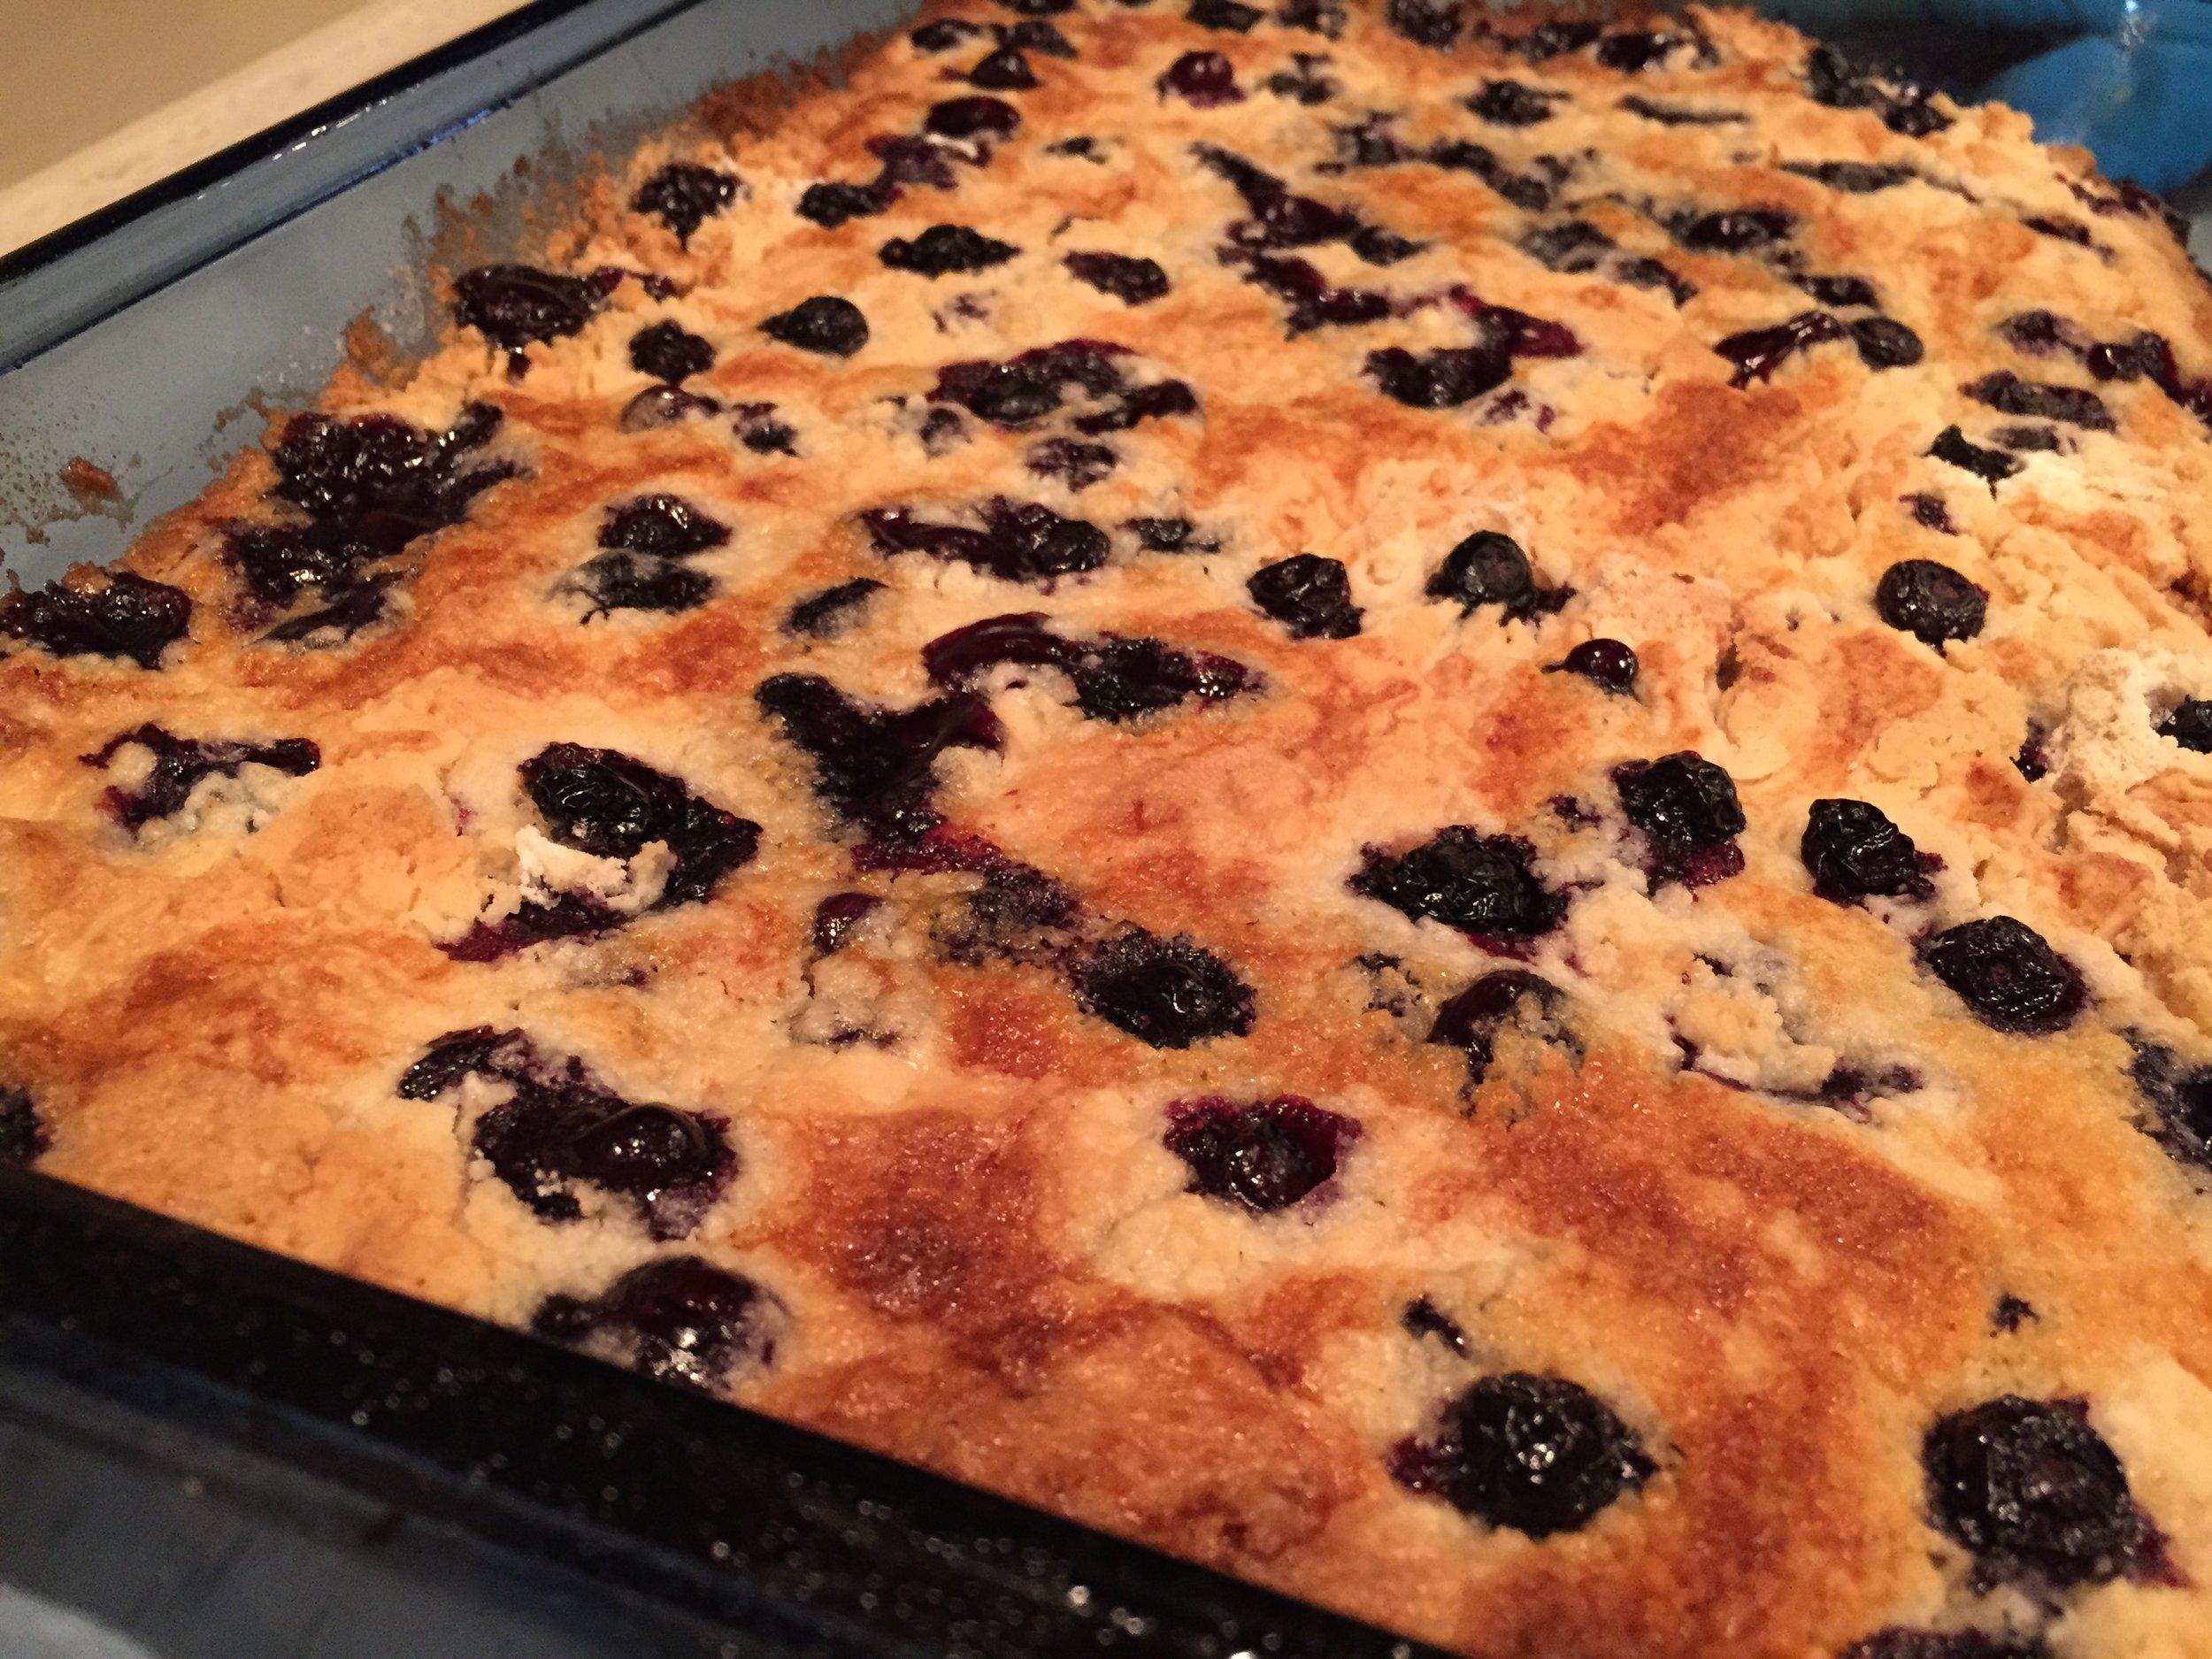 The Everyday Journalista, Everyday Journalista, Baking, Easy Baking, Blueberries, Cake, Blueberry Dump Cake, Dump Cake, Recipes, Blueberry Recipes,